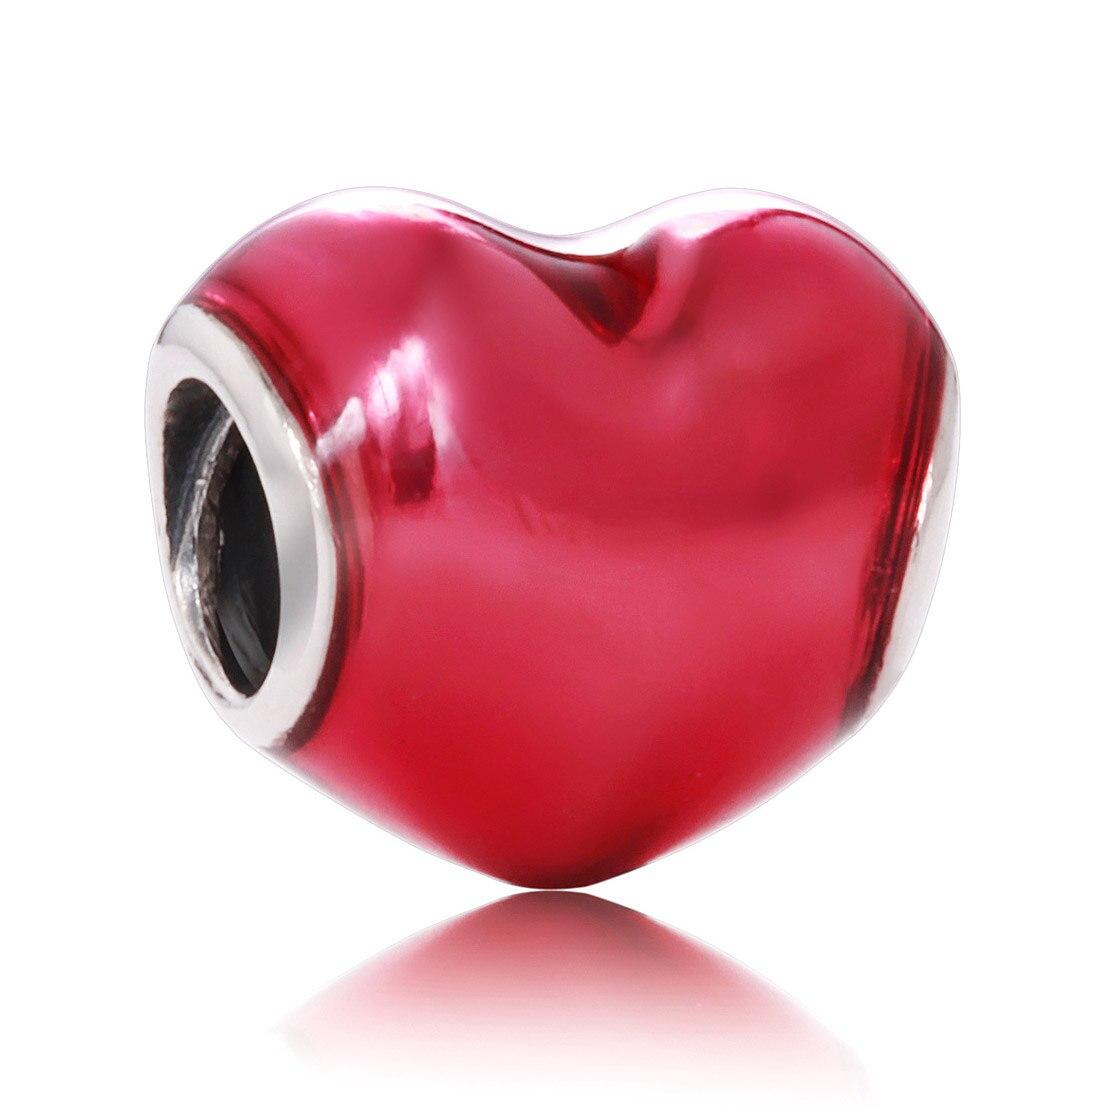 Микки и Минни лук и кружева подарки ленты Sweet Love Сердце Шарм Fit Пандора браслет стерлингового серебра 925 бисера шарм ювелирных изделий